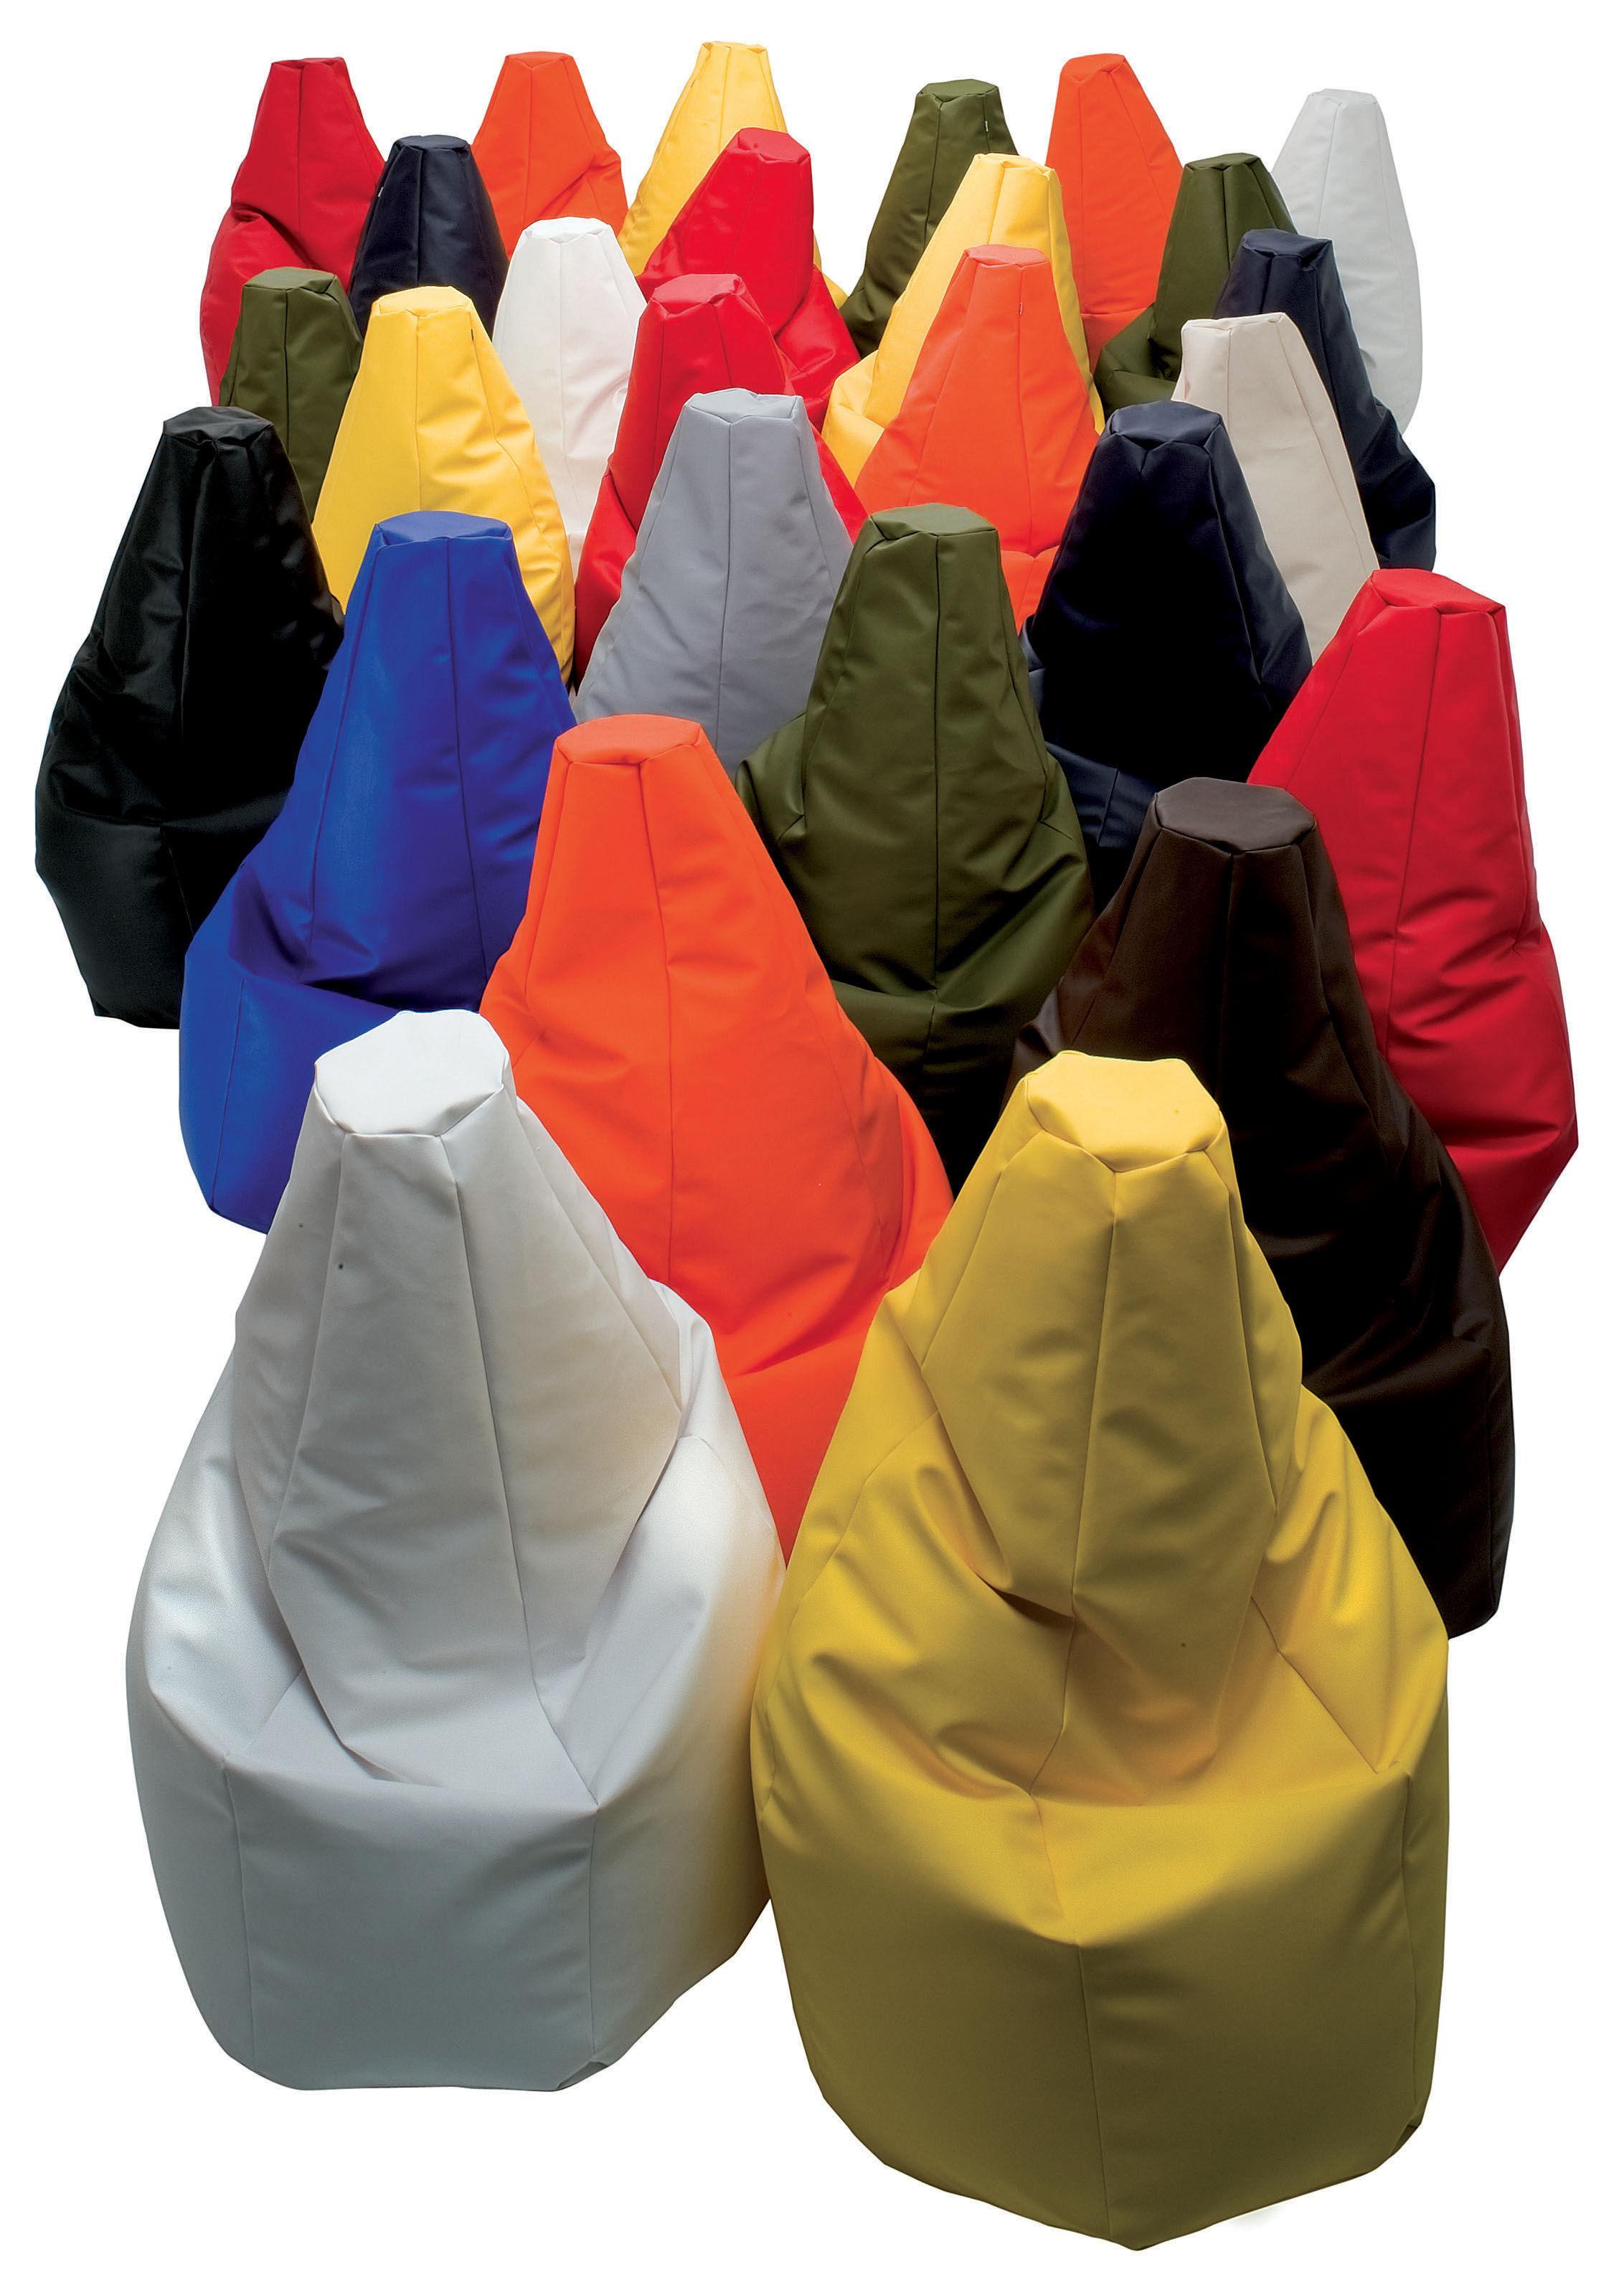 Scopri pouf sacco outdoor rosso di zanotta made in for Sacco di zanotta